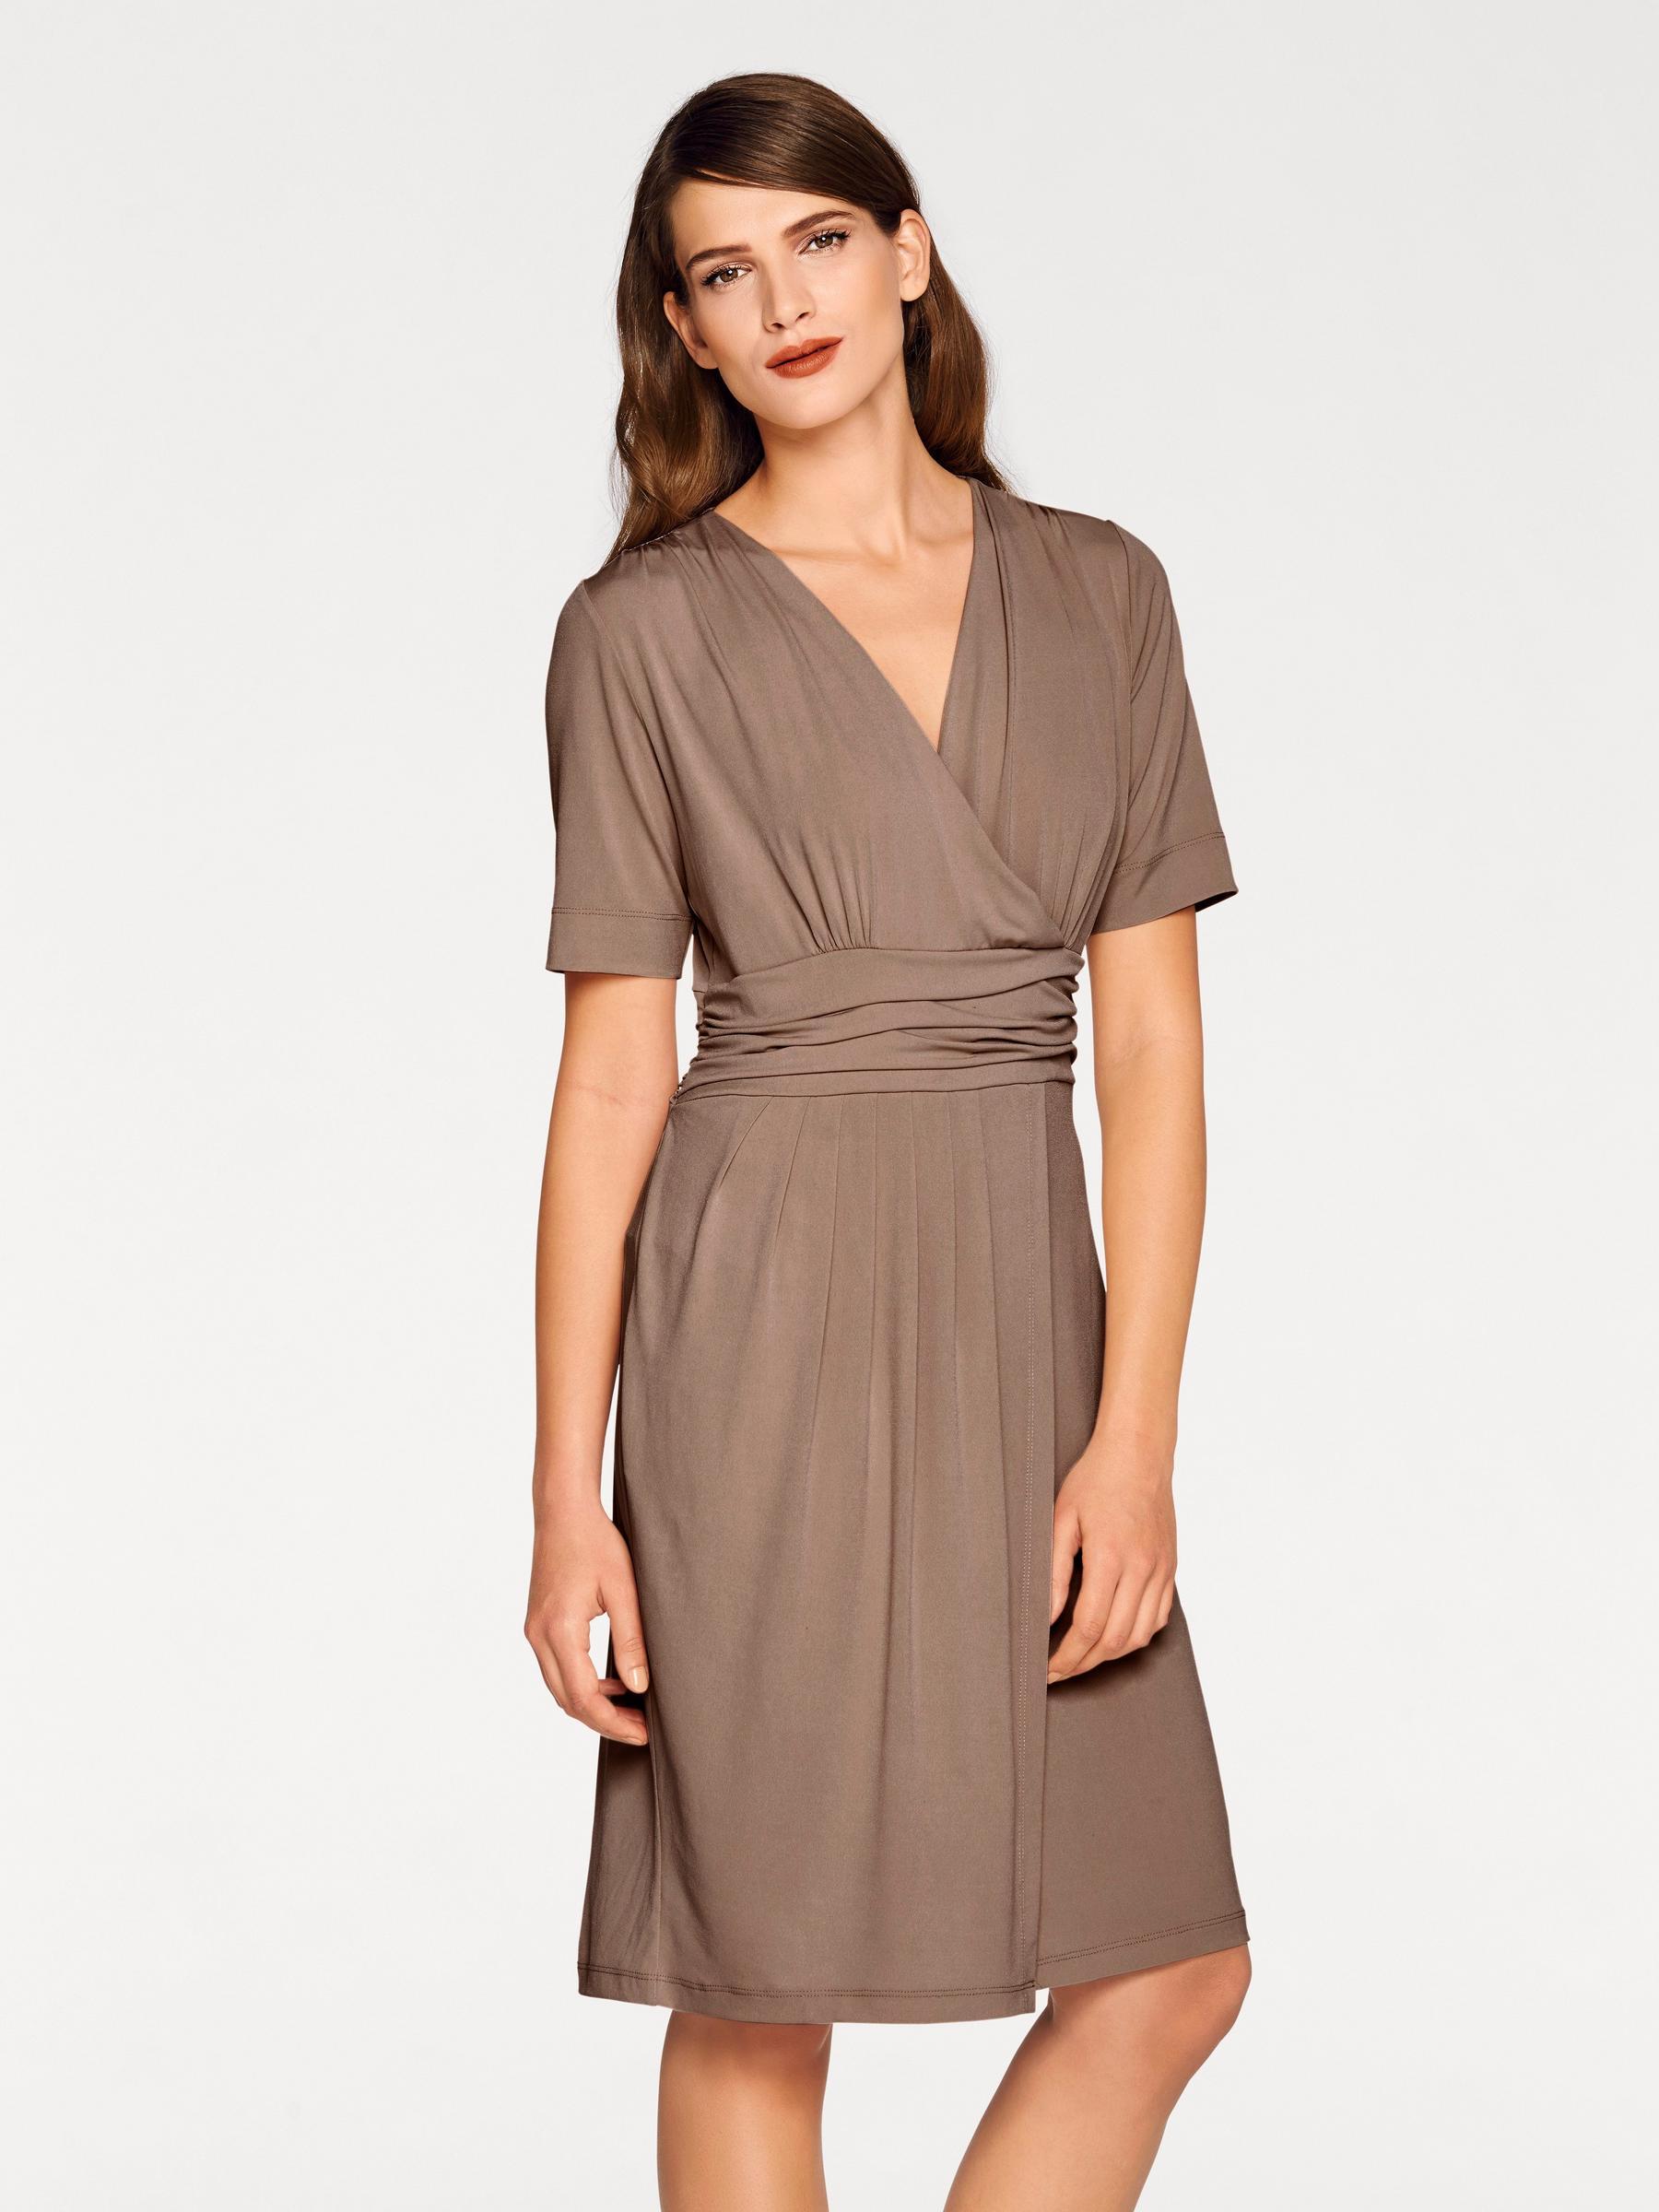 Robe coupe portefeuille marron, discrète et élégante en toutes circonstances